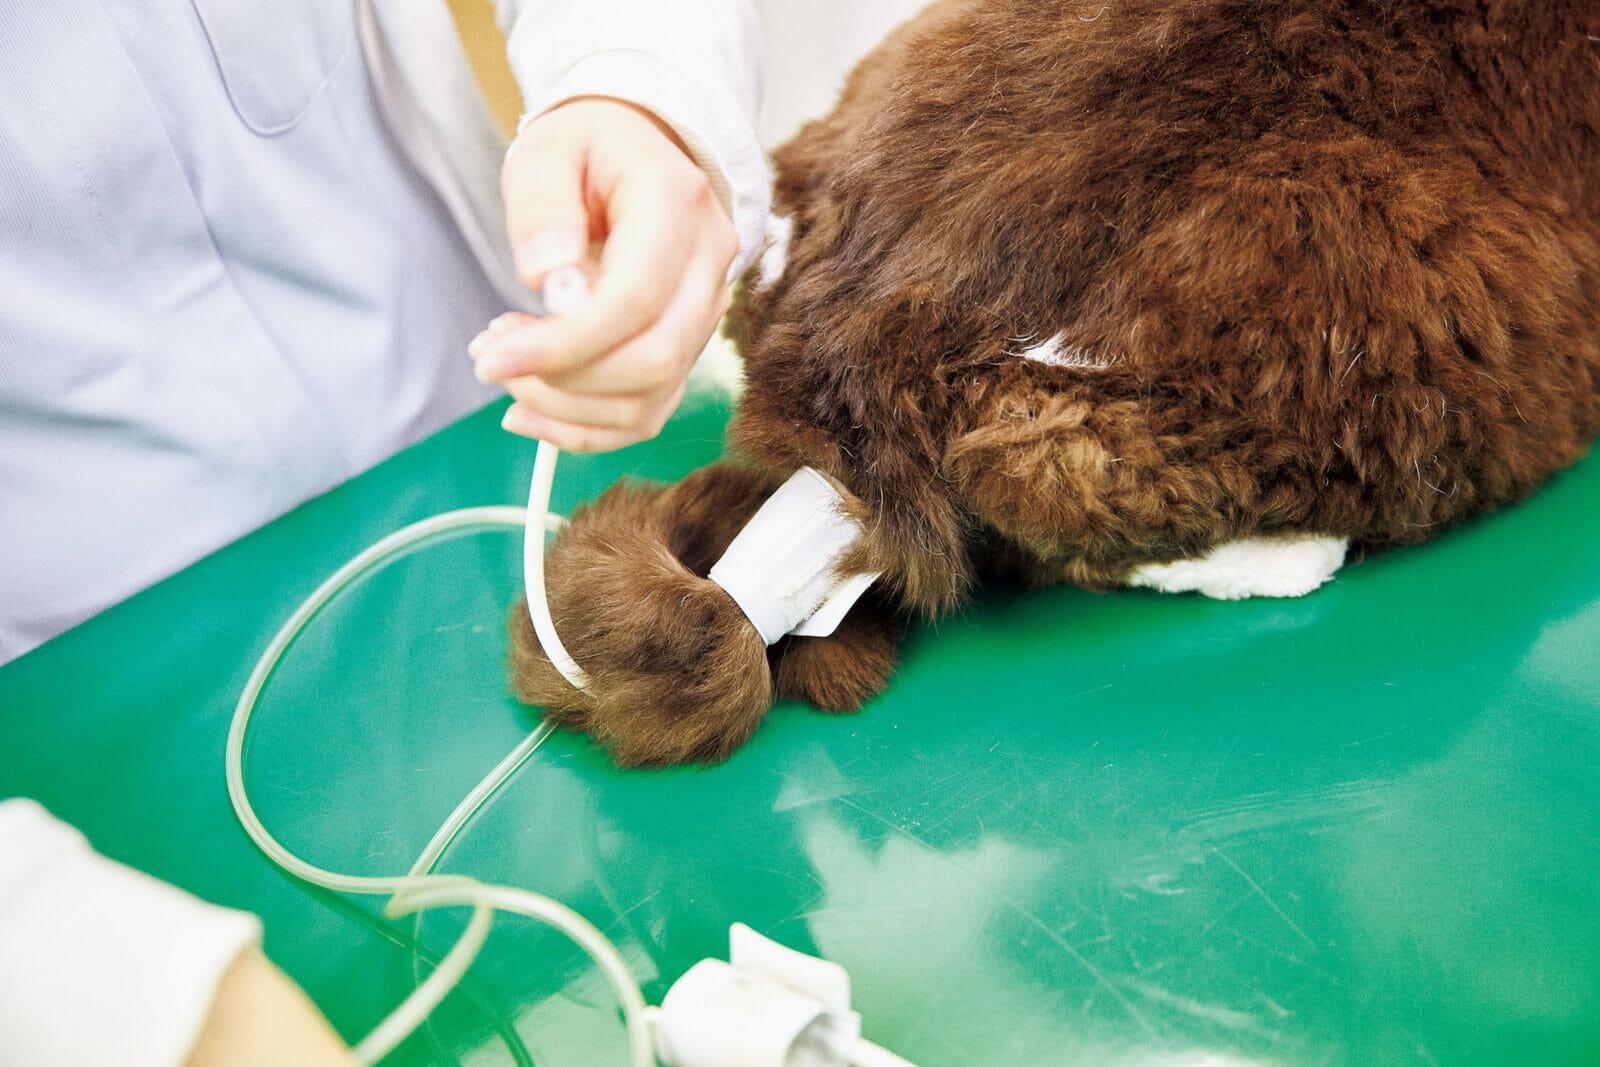 猫も高血圧に注意まずは血圧。しっぽにバンドを巻いて測定する。「猫も血圧は大事。高血圧は命取りです。130~140が正常範囲ですが緊張すると高い値が出ます」と先生。だんごさんは150。